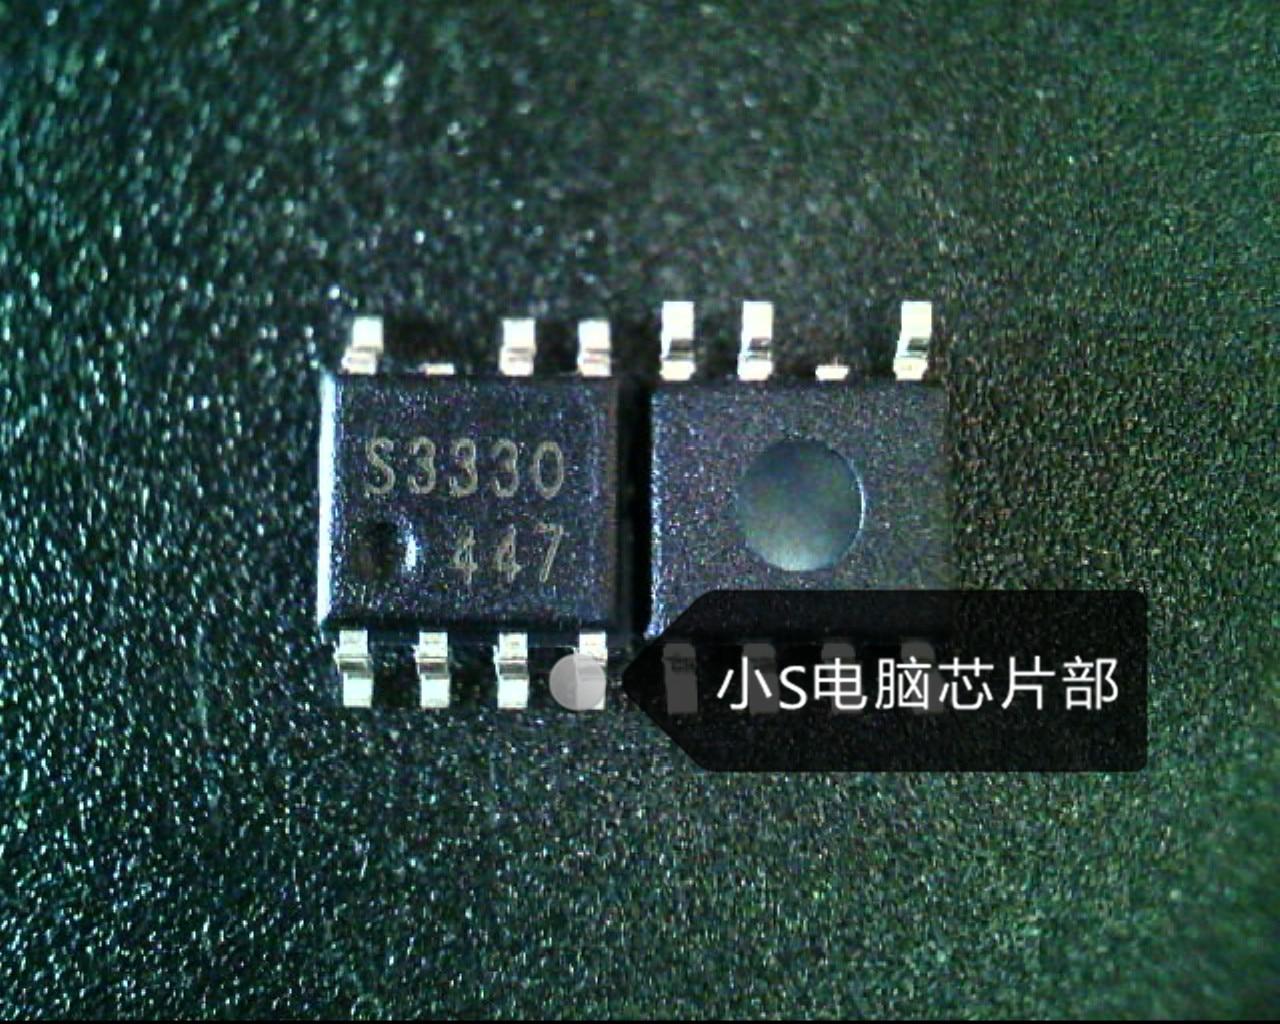 1pcs/lot S3330 SEM3330 SOP-7 In Stock